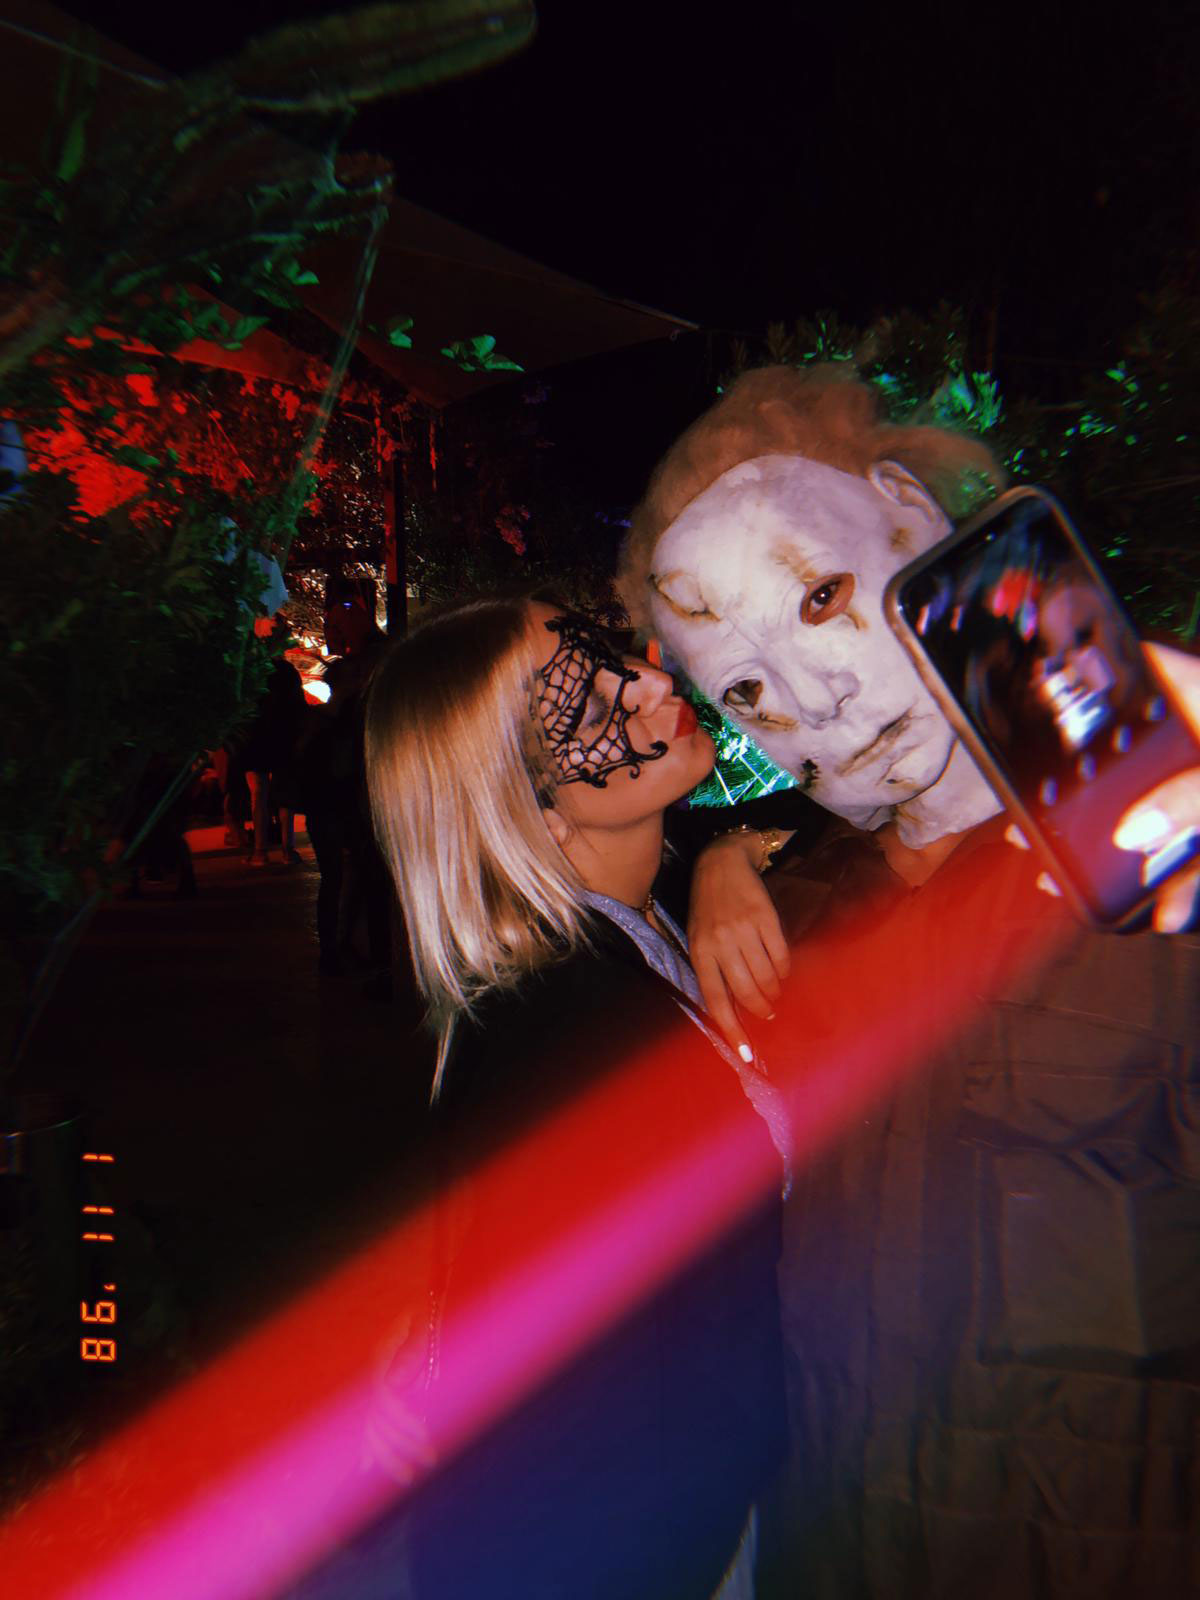 Ibiza im Oktober: So schön ist Ibiza in der Nebensaison - das war die Halloween-Party in Las Dalias